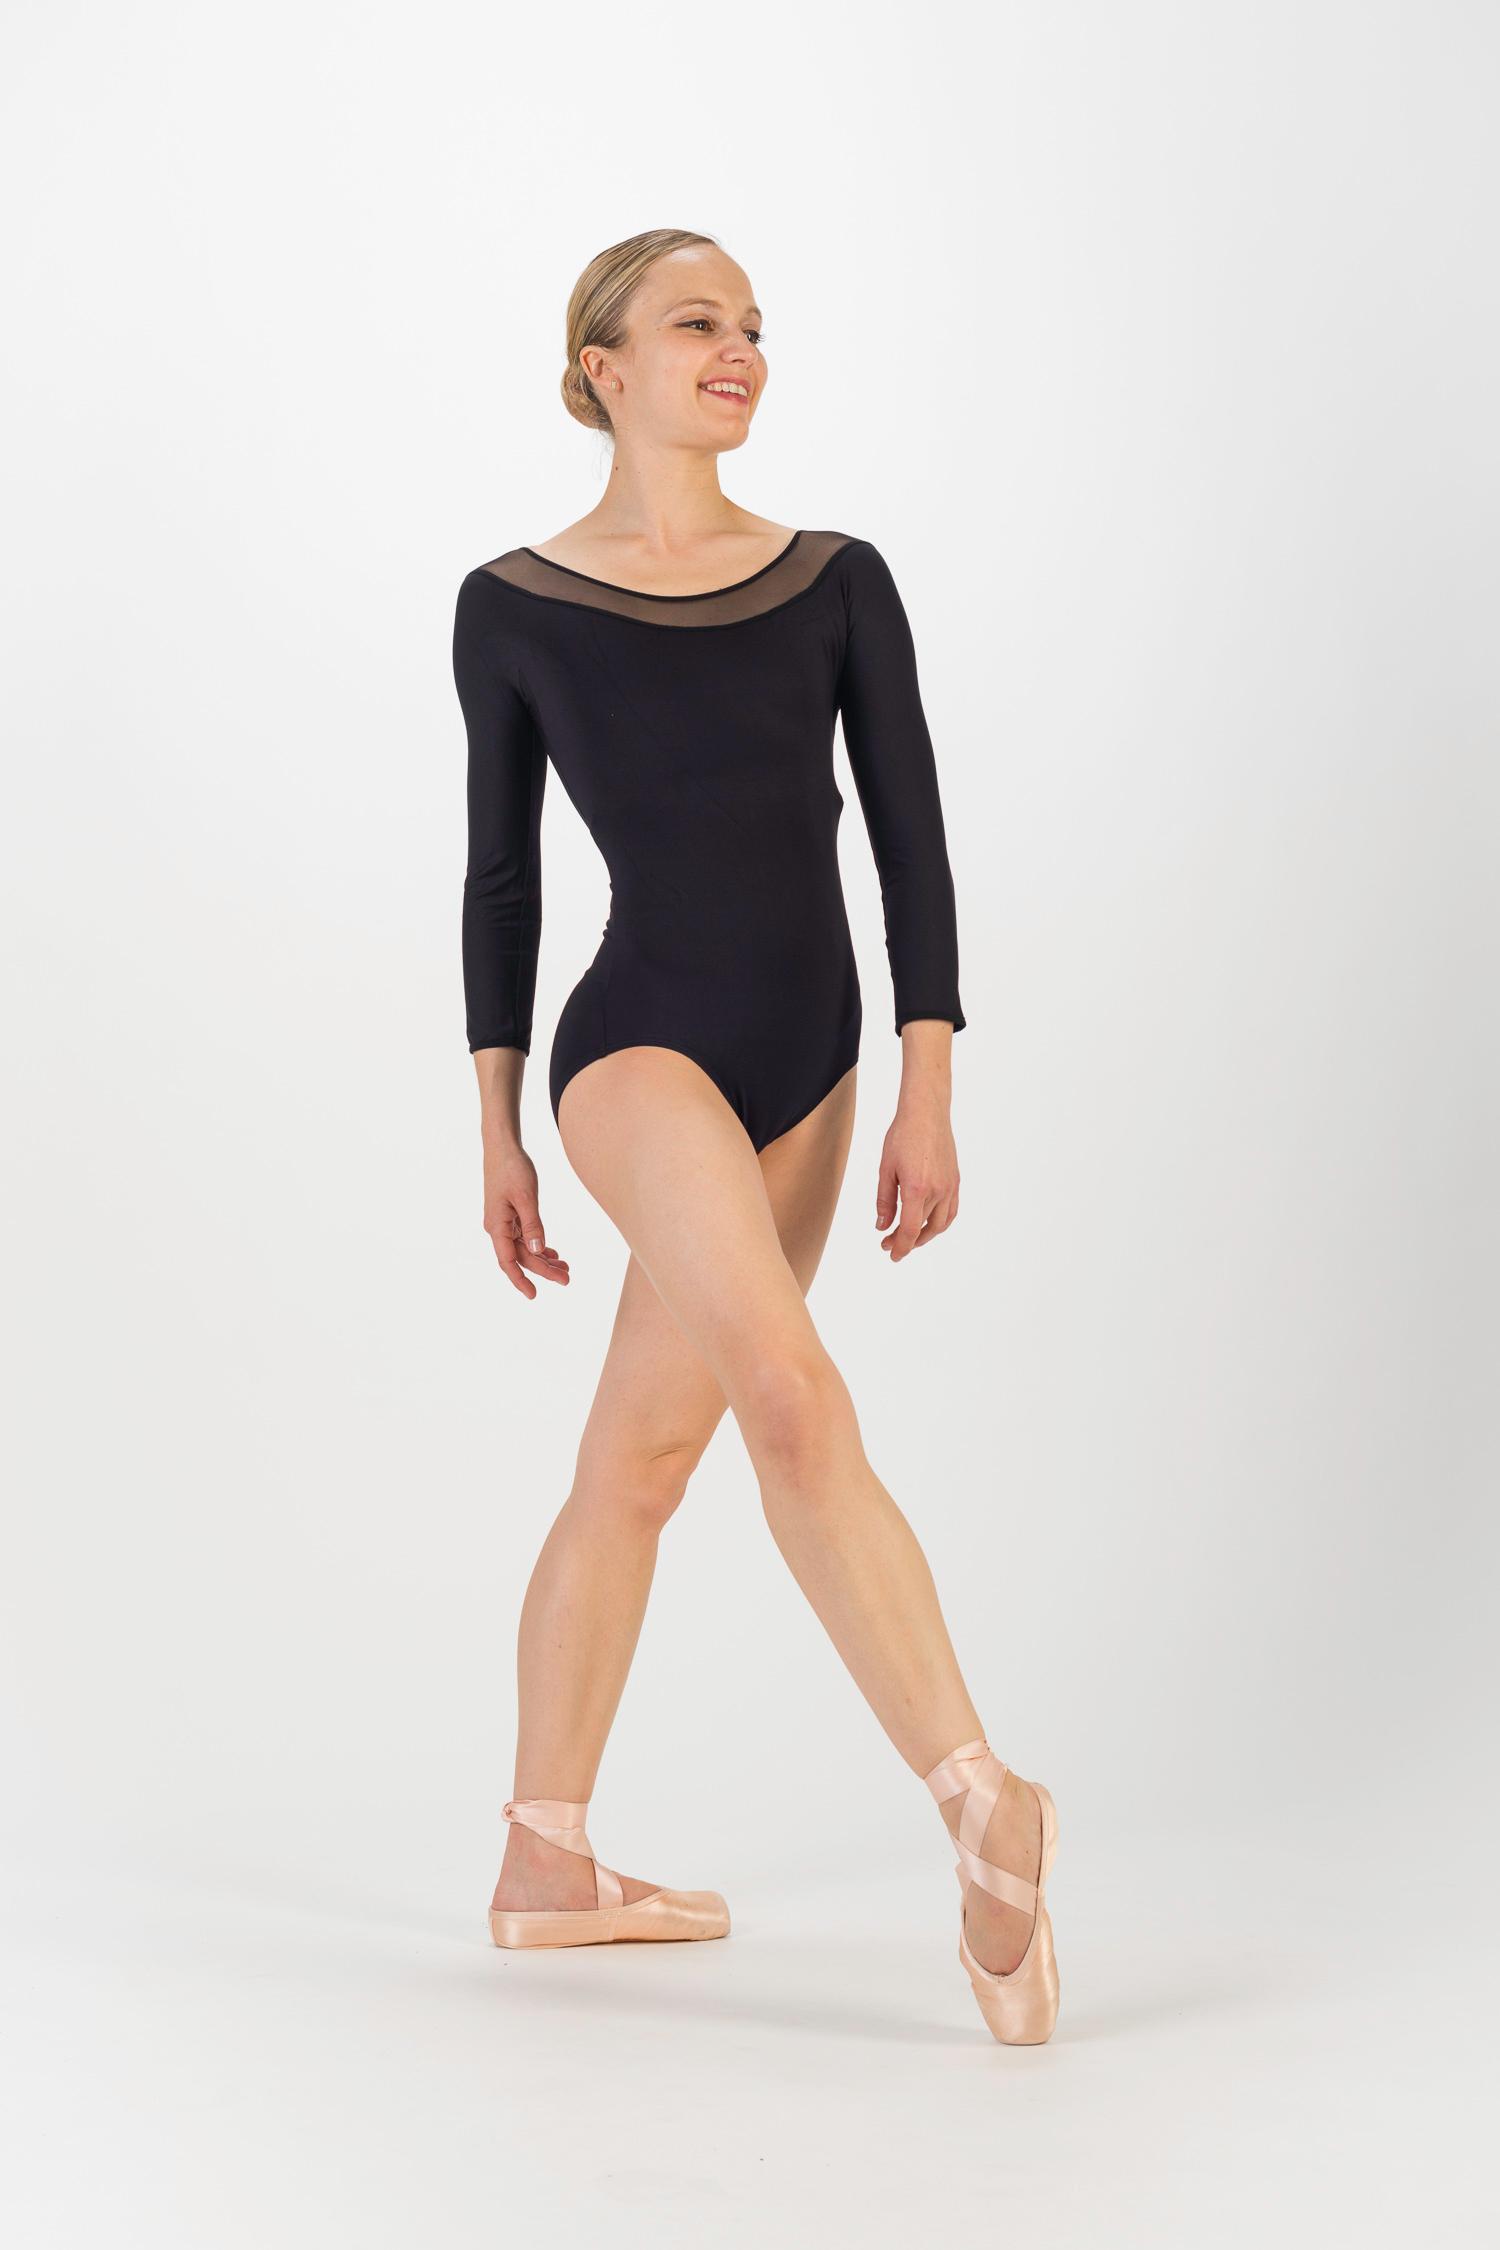 b7ef92e69ce6 Ballet leotards long sleeved for women - Mademoiselle danse